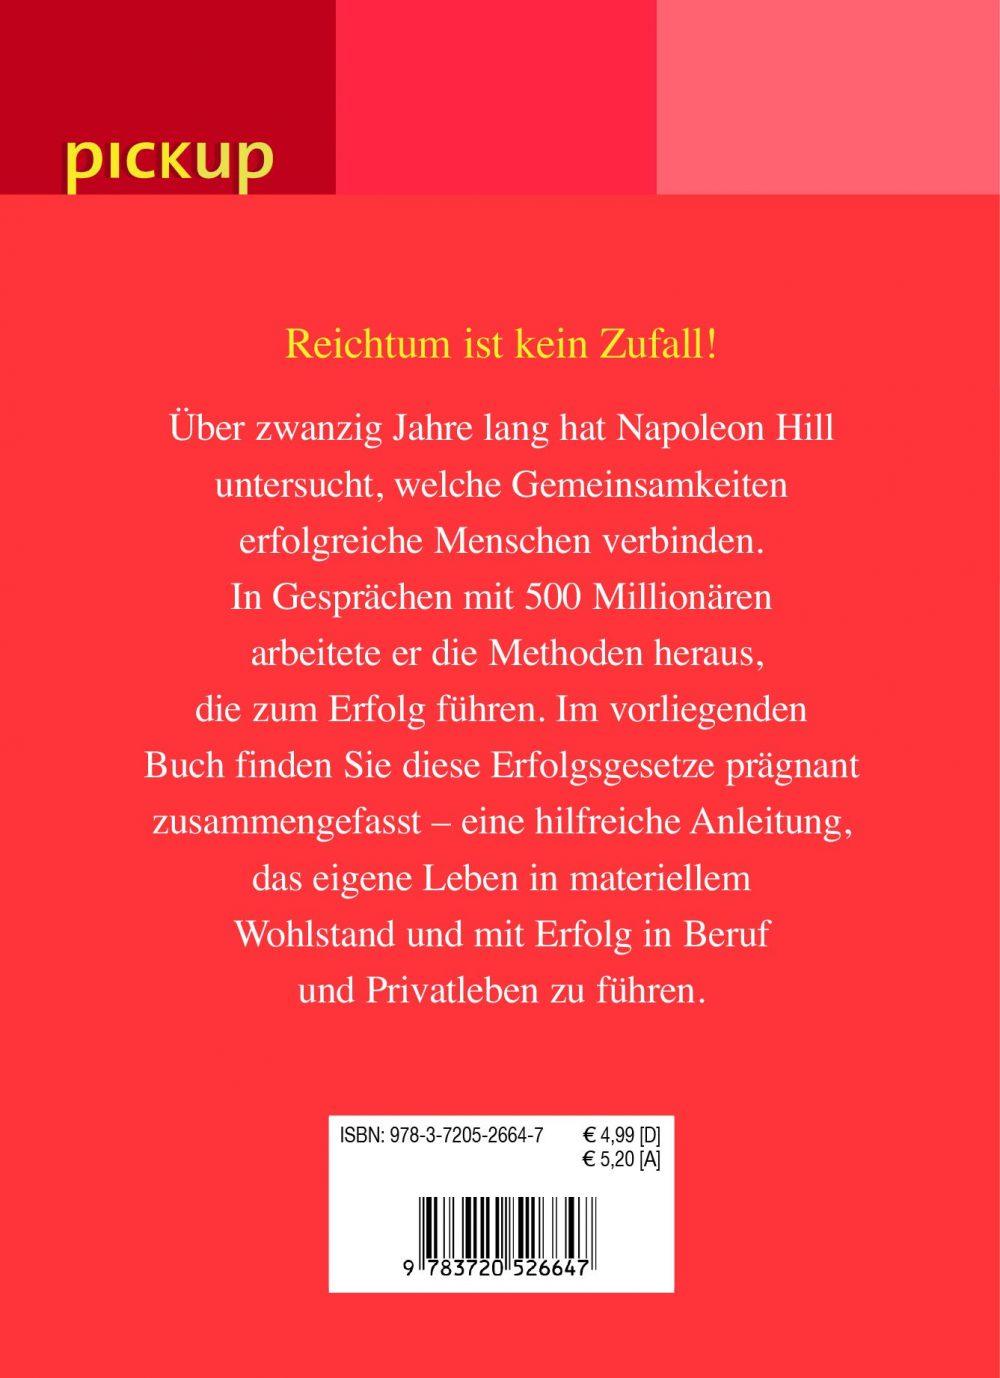 Denke_nach_und_werde_reich_Napoleon_Hill